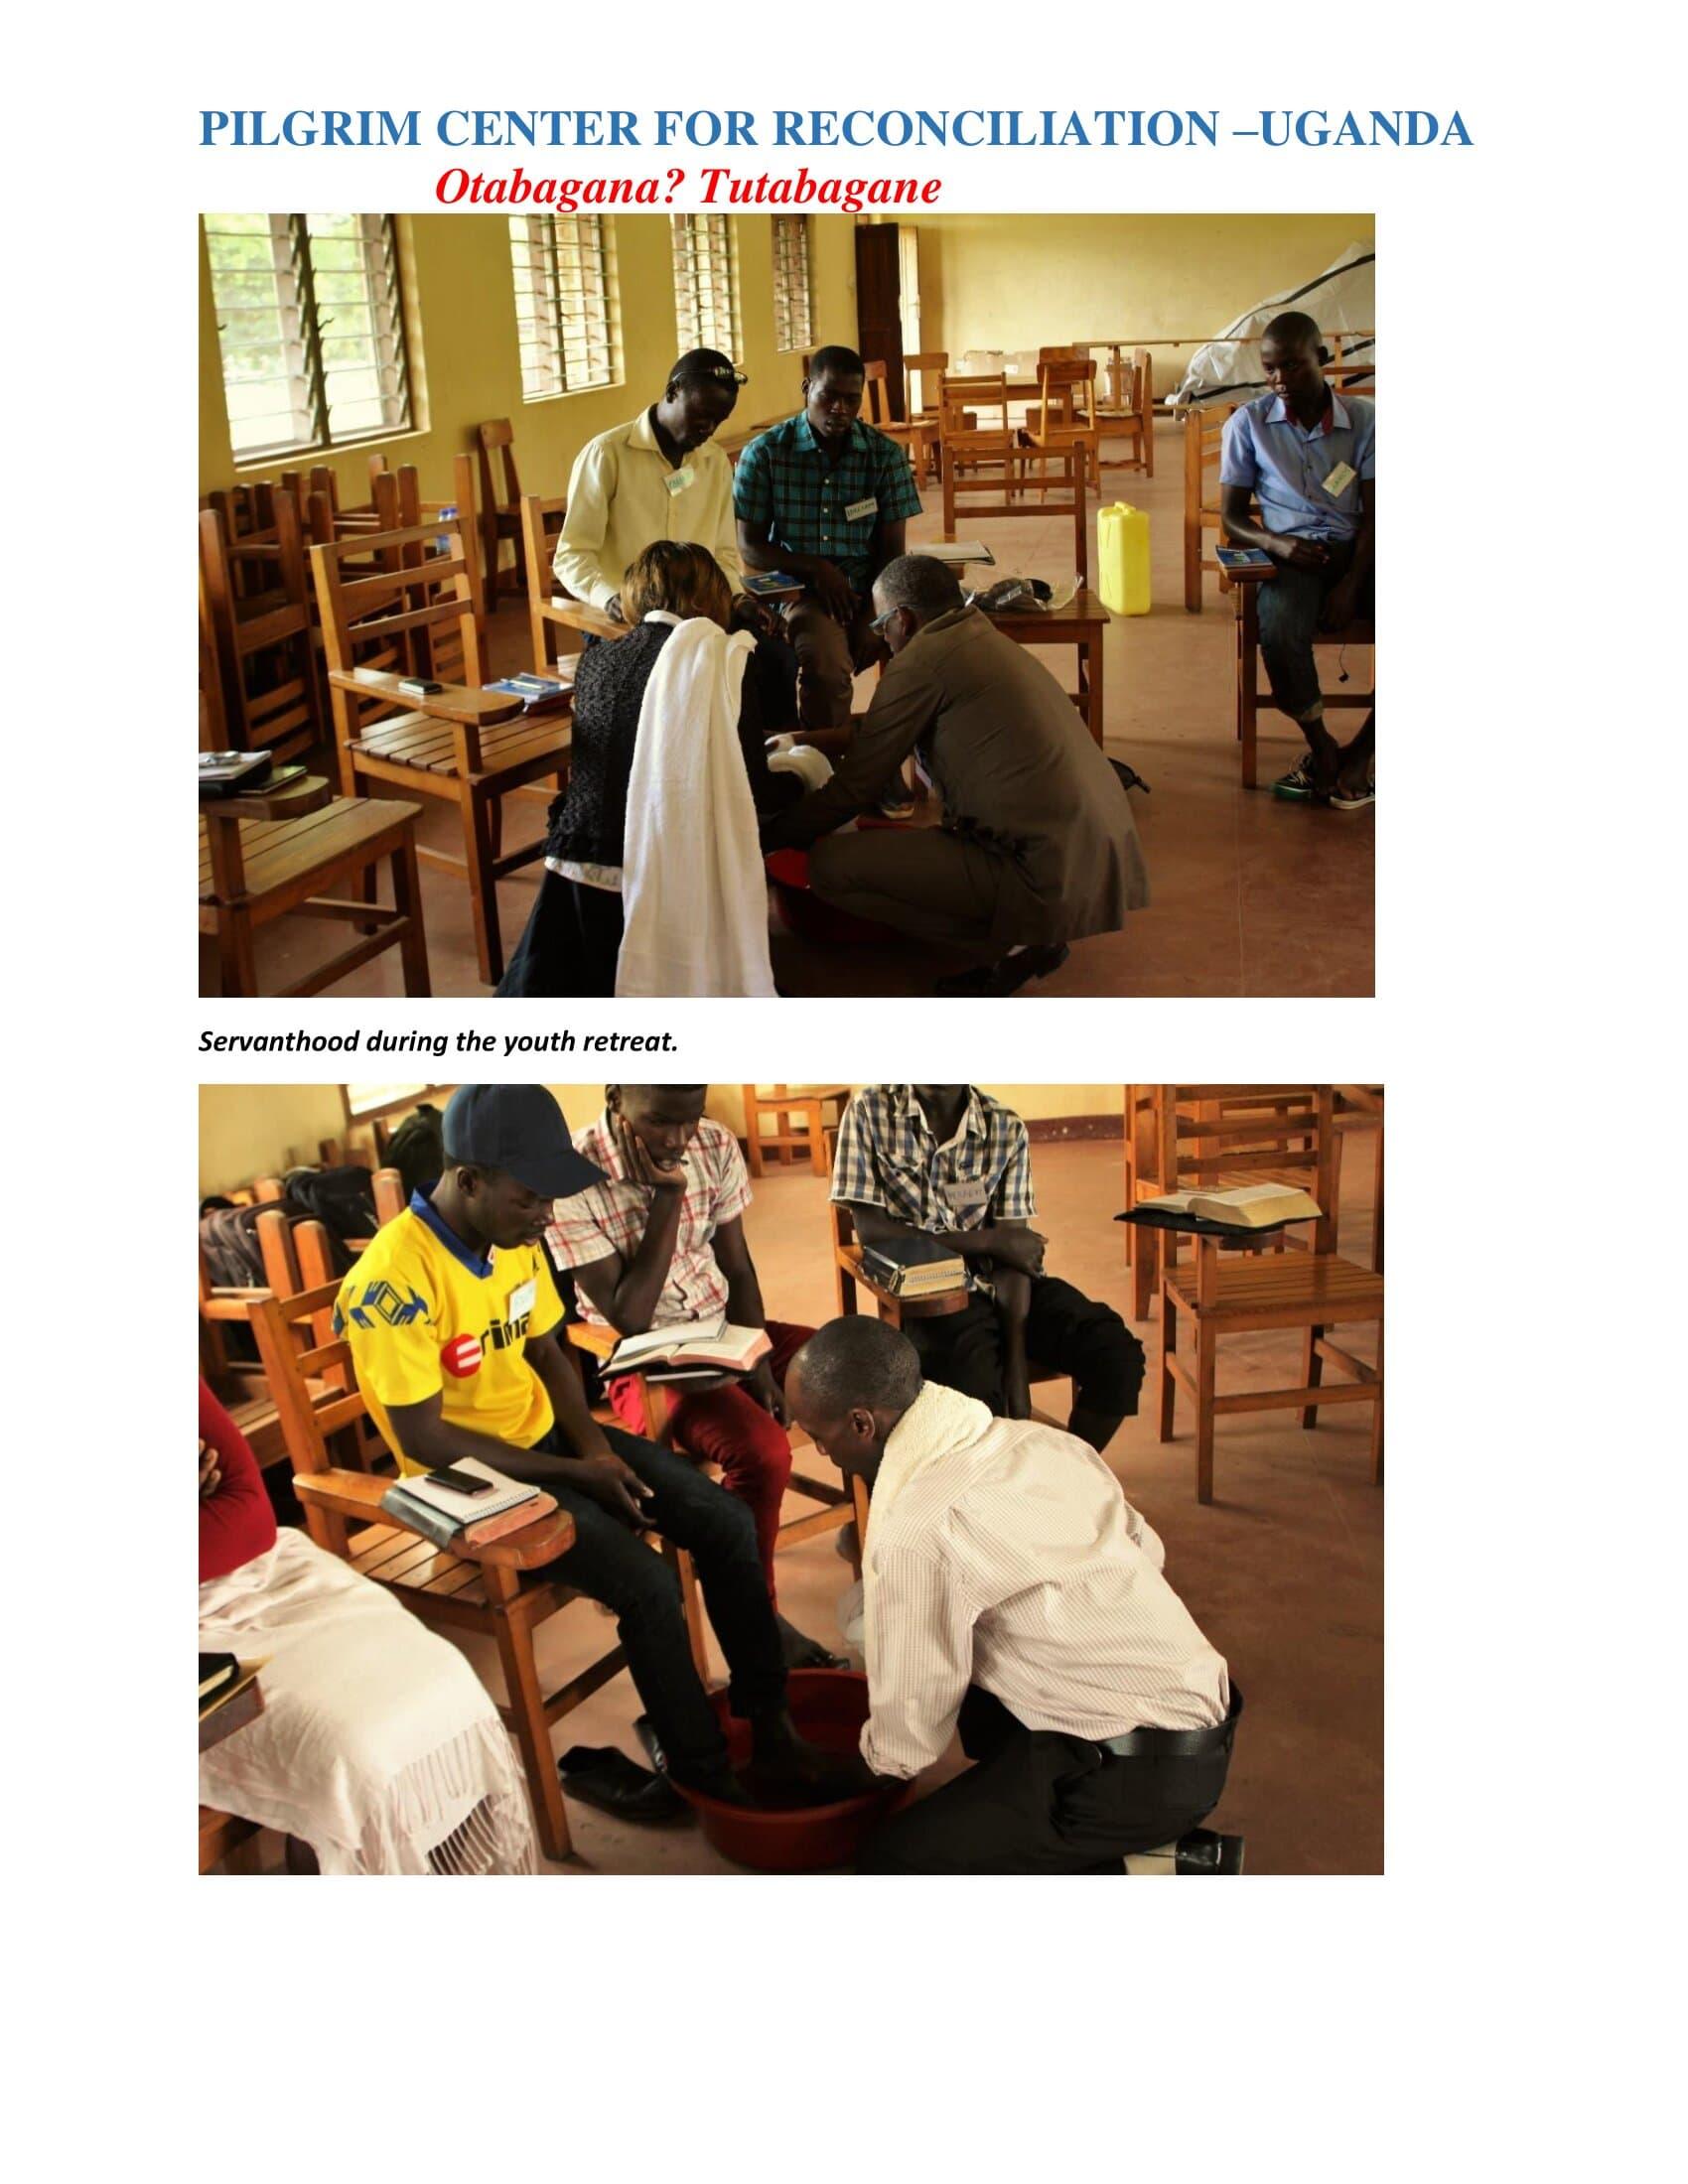 Pirigrim center for reconcilation -Uganda _0008-min